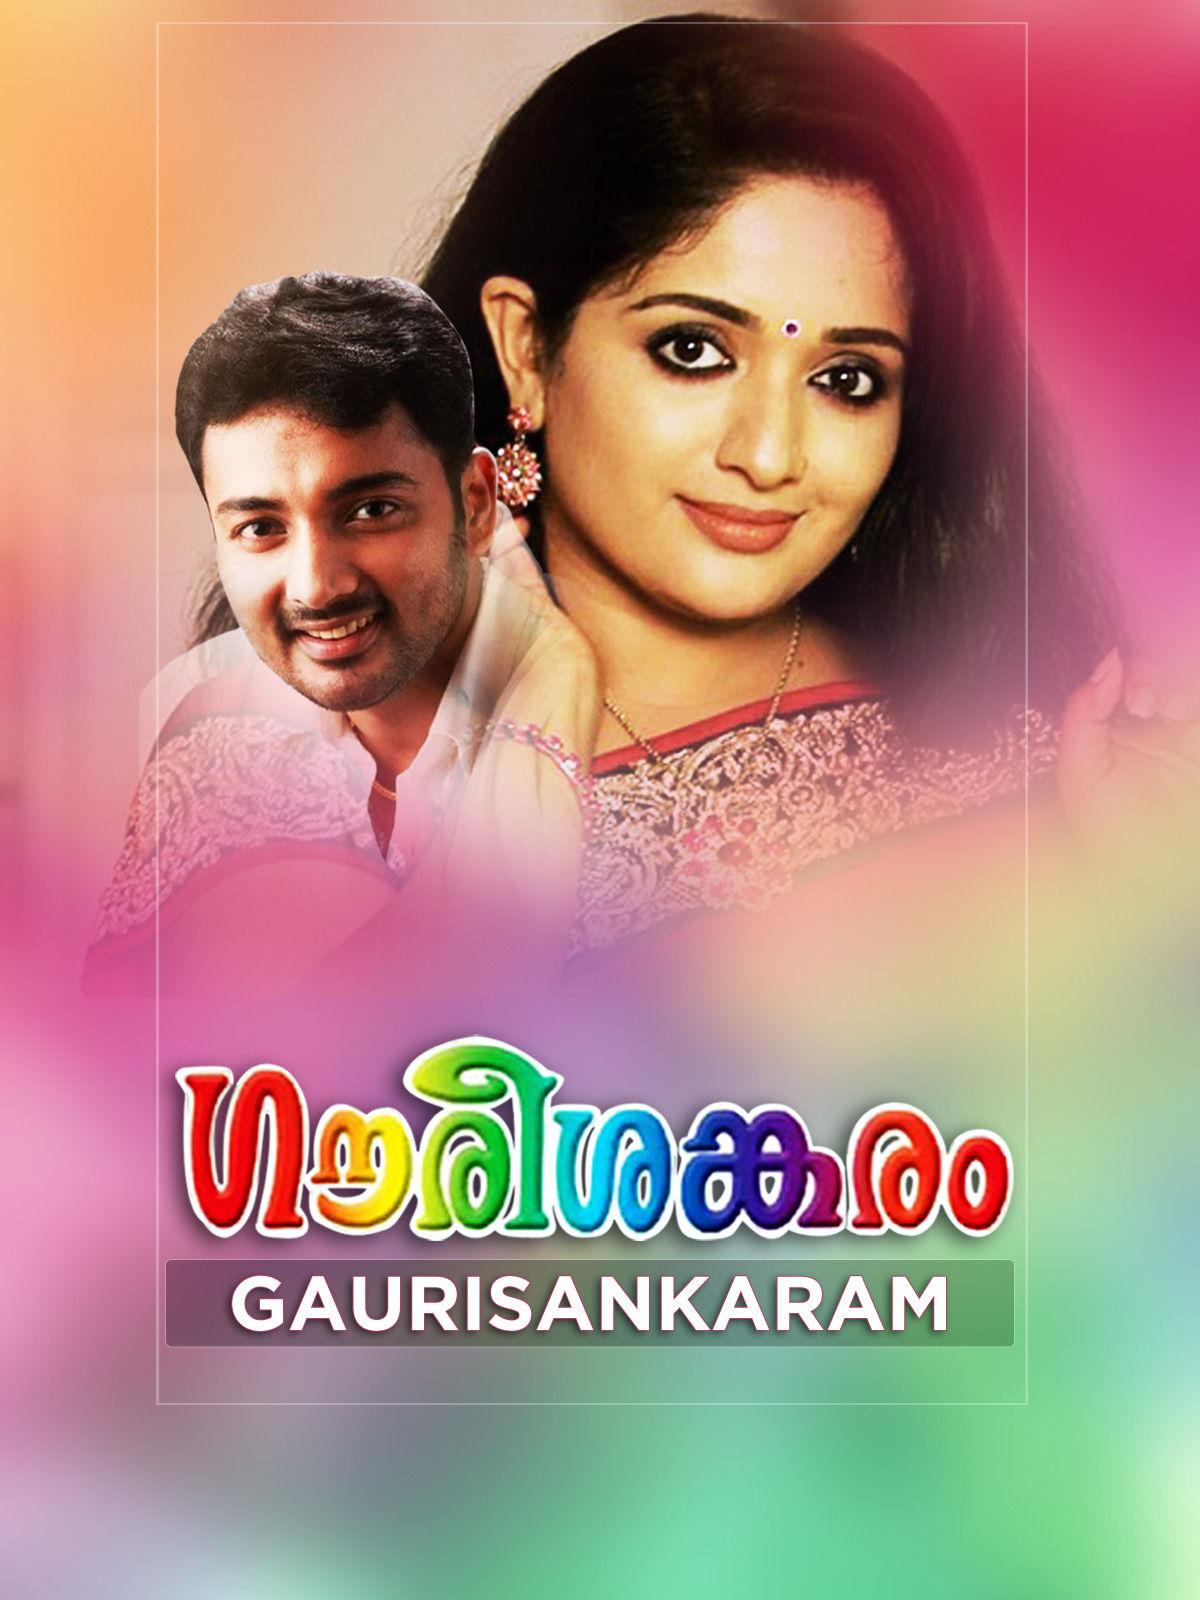 Gaurisankaram